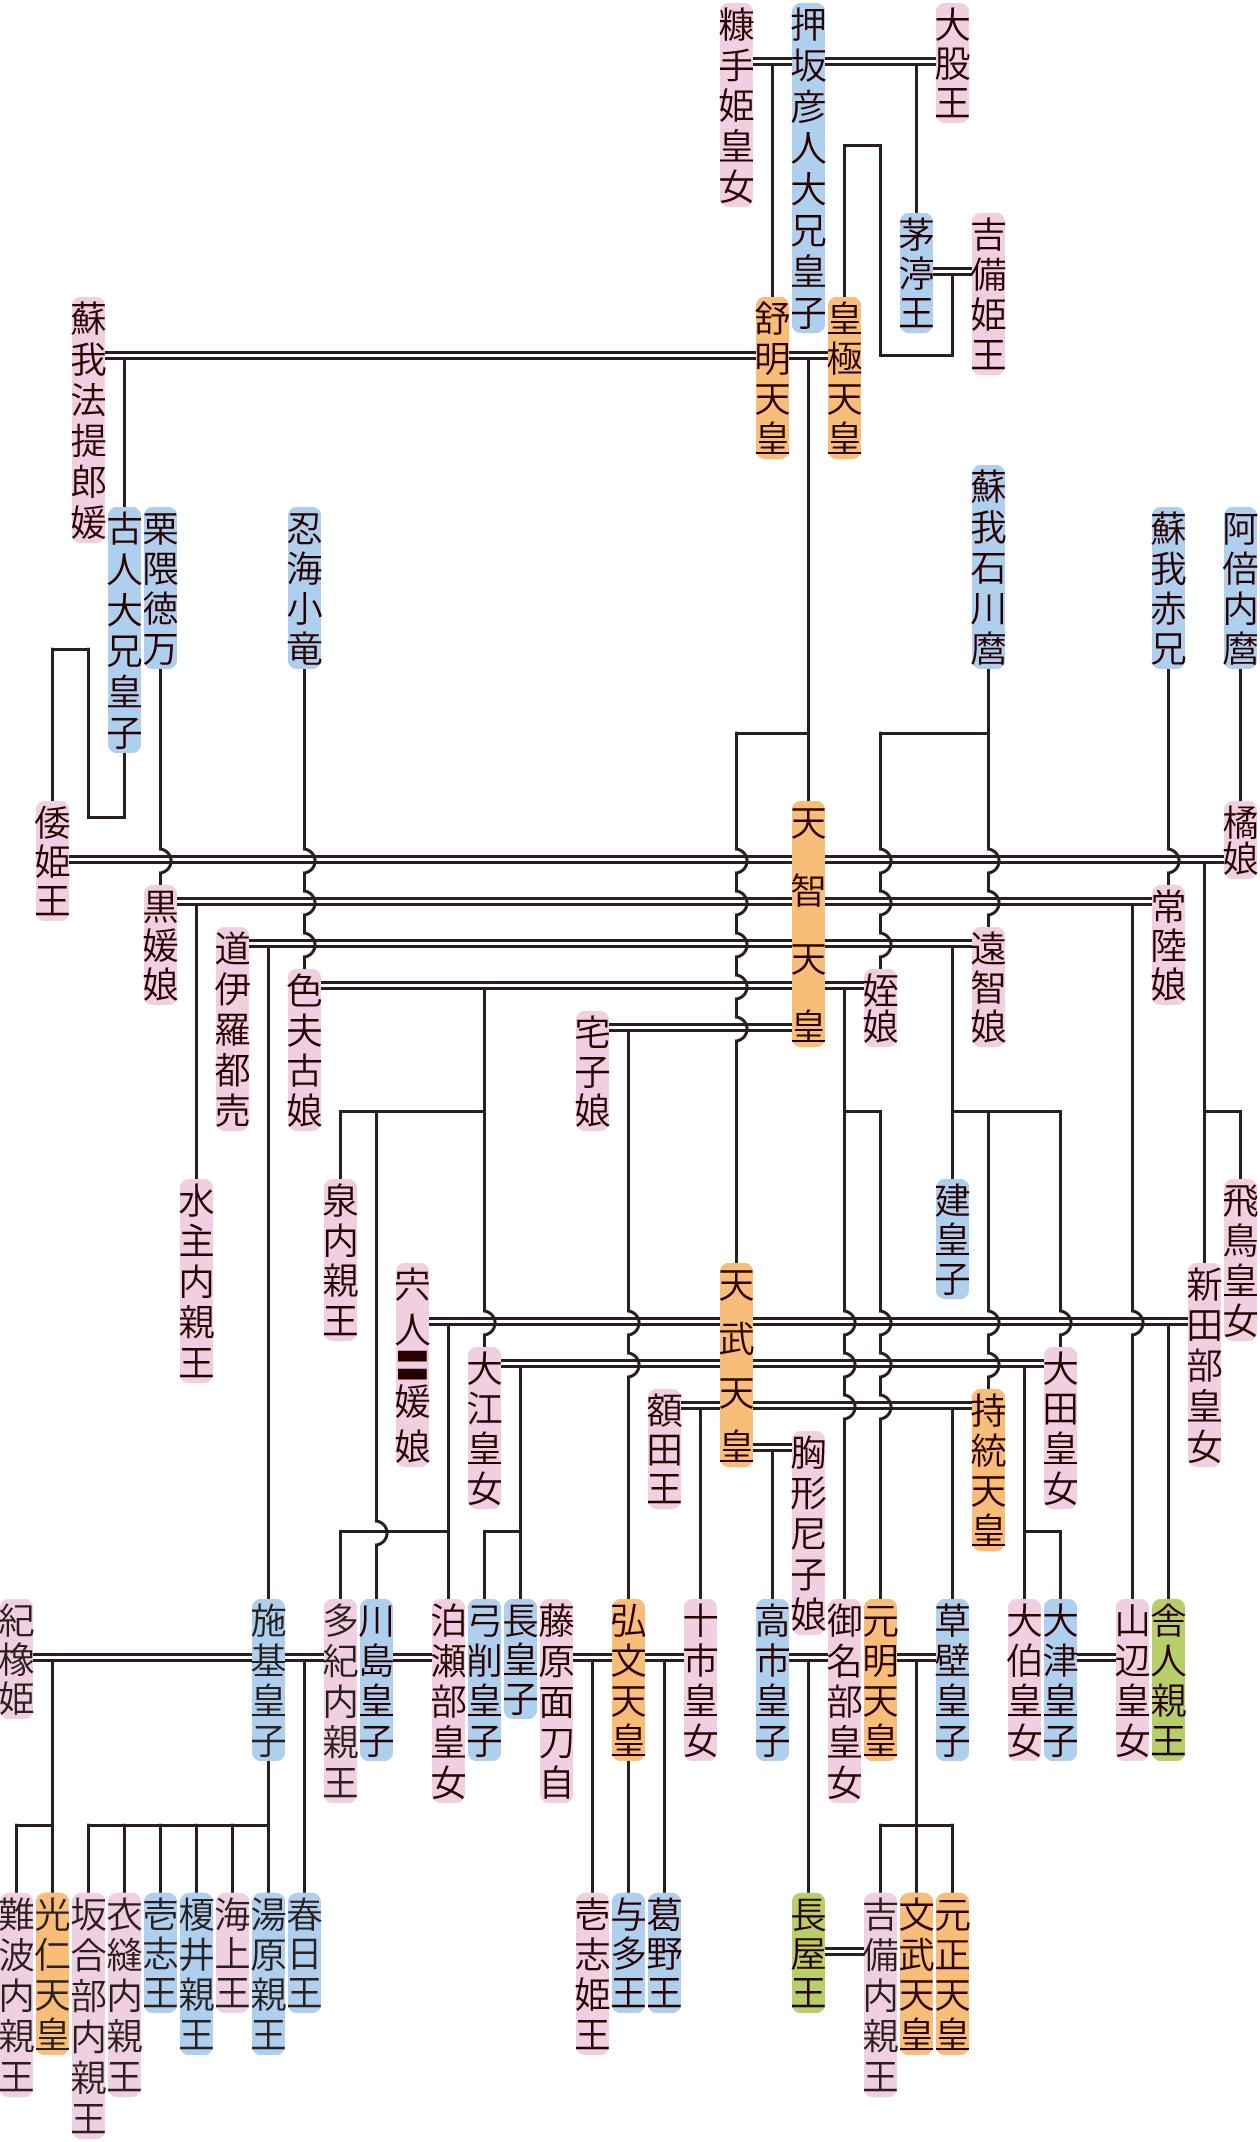 天智天皇の系図